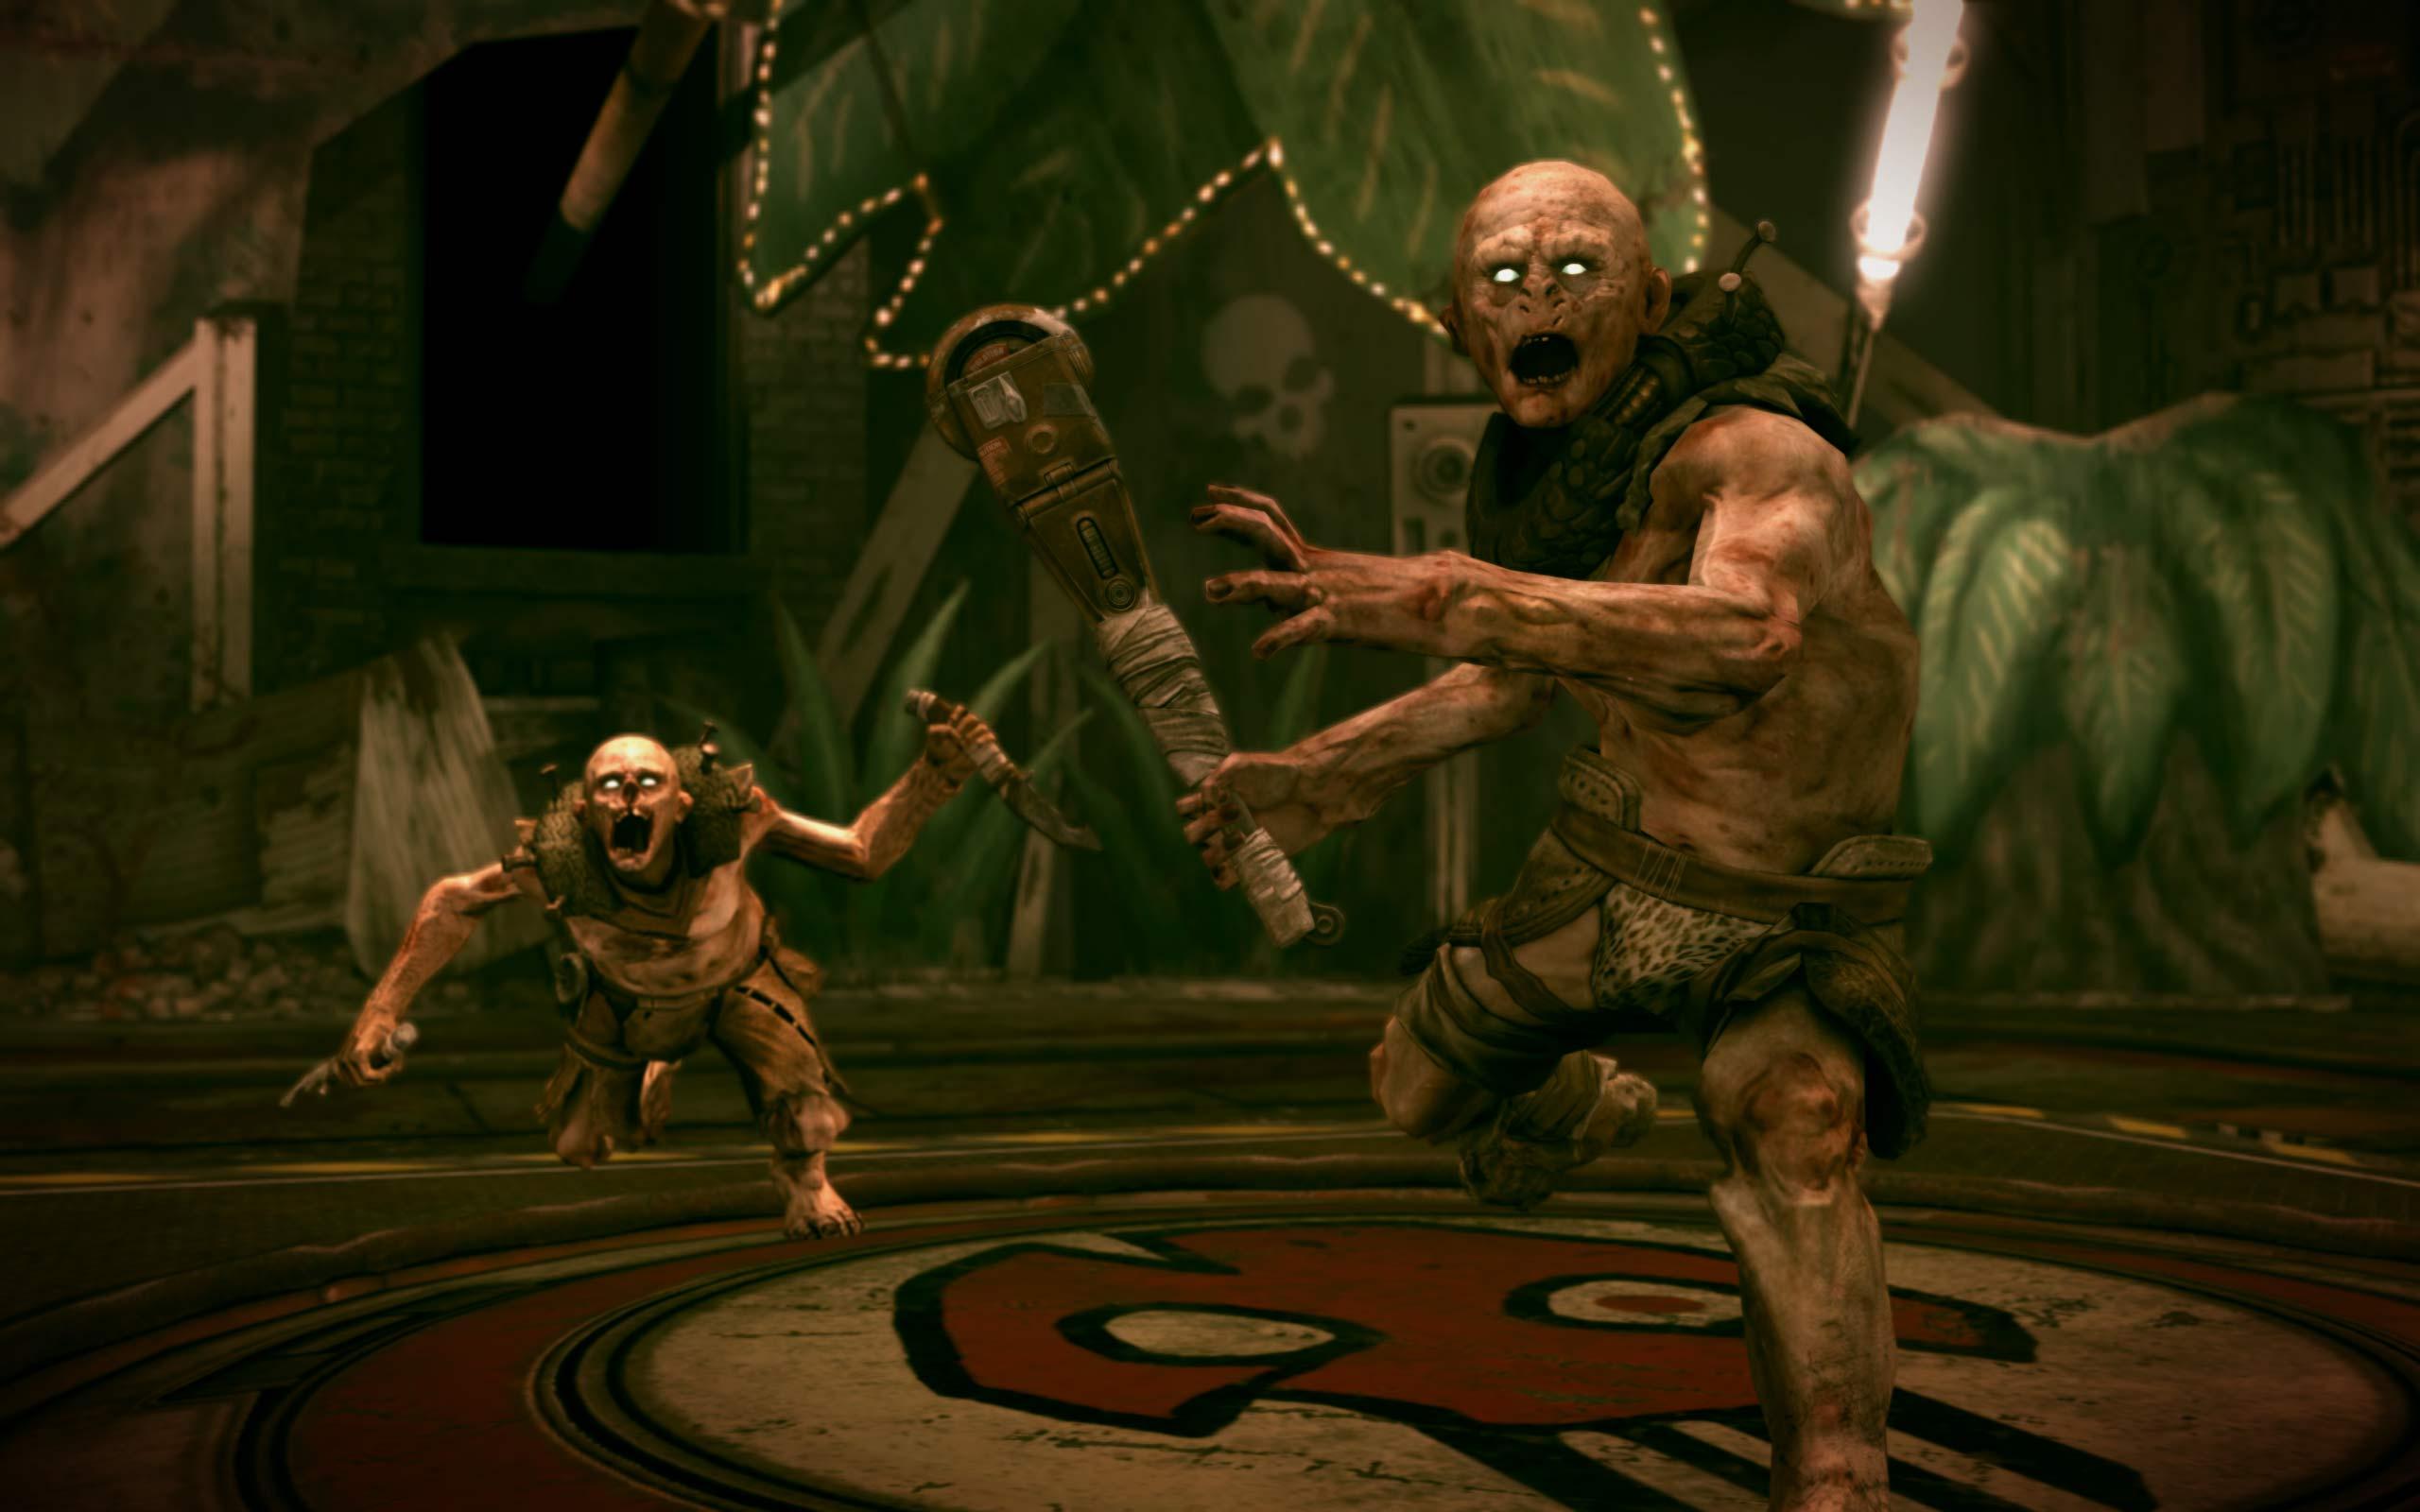 Постапокалиптический шутер Rage выйдет 4 октября в США на PS3, Xbox